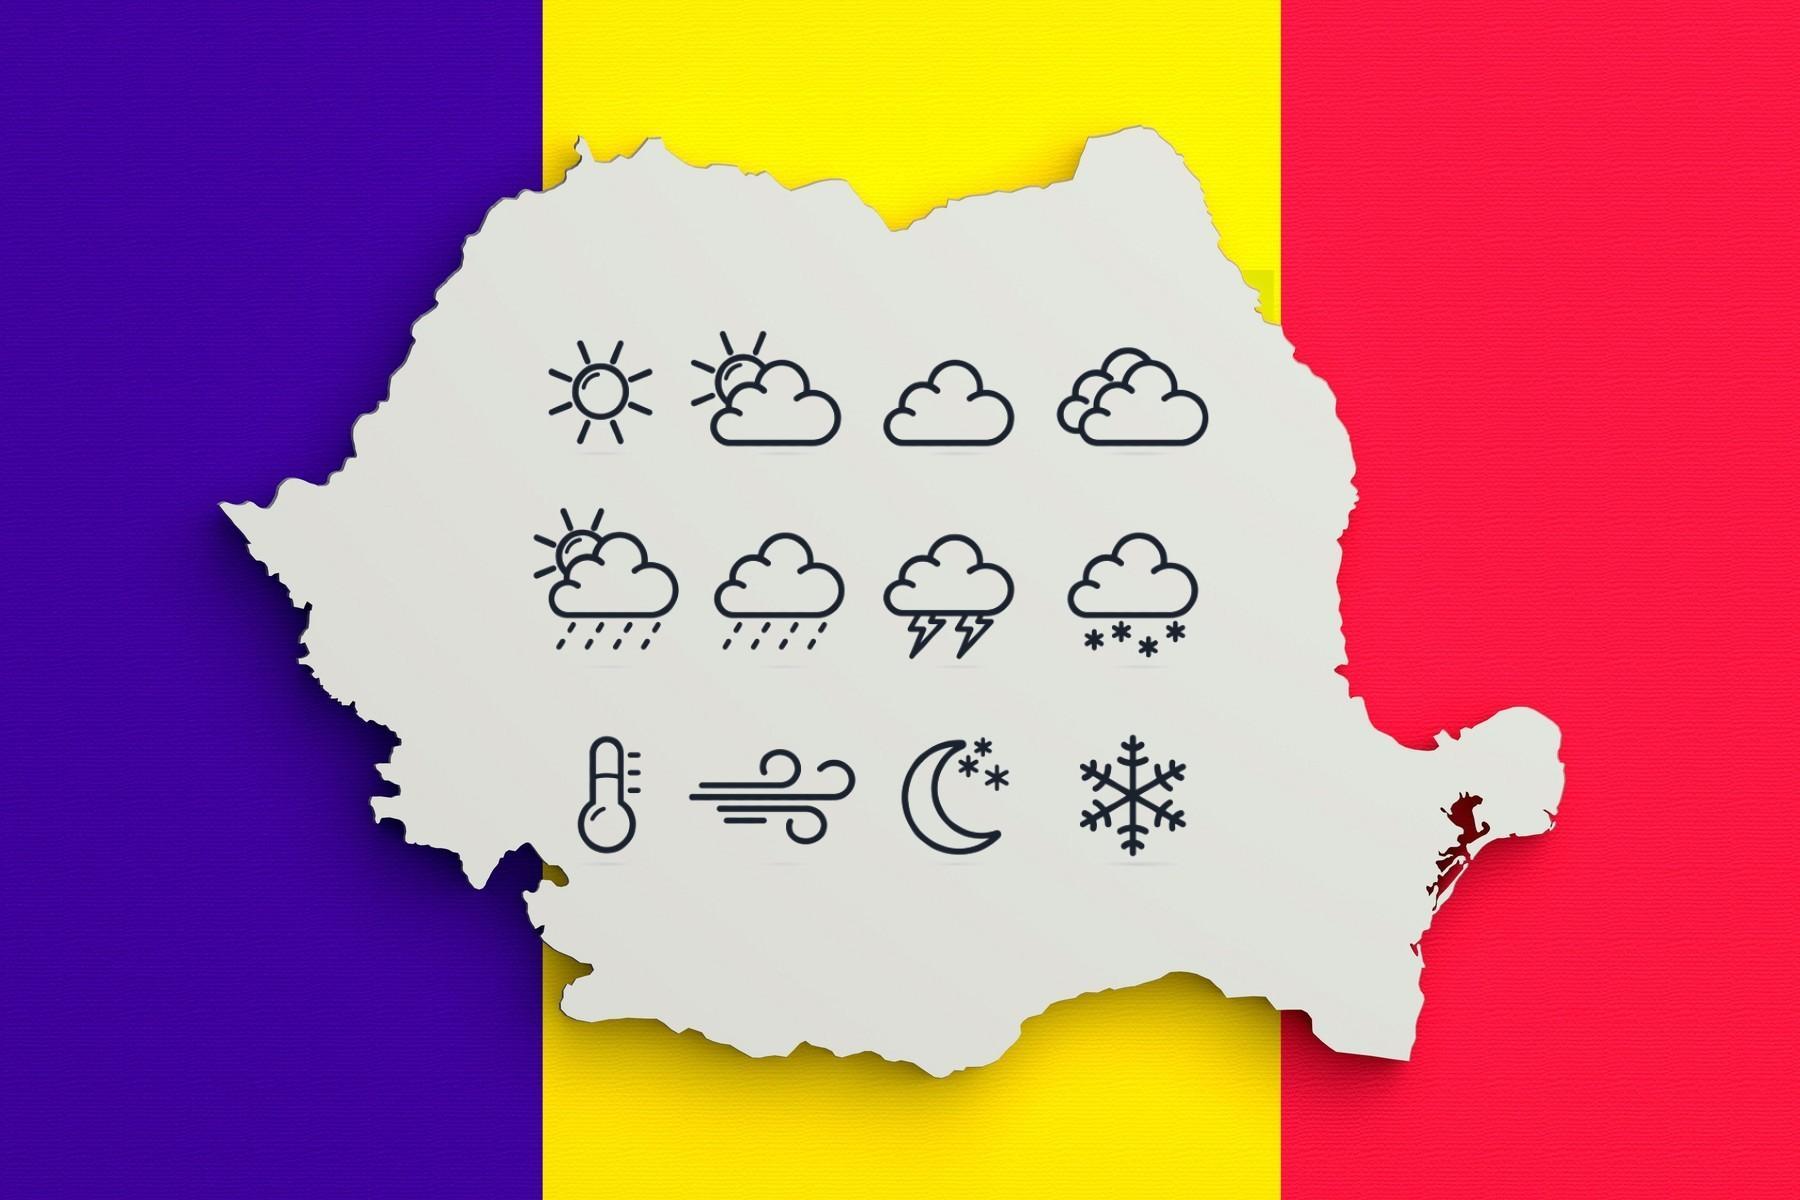 Prognoza meteo 13 ianuarie 2021. Cum e vremea în România și care sunt previziunile ANM pentru astăzi